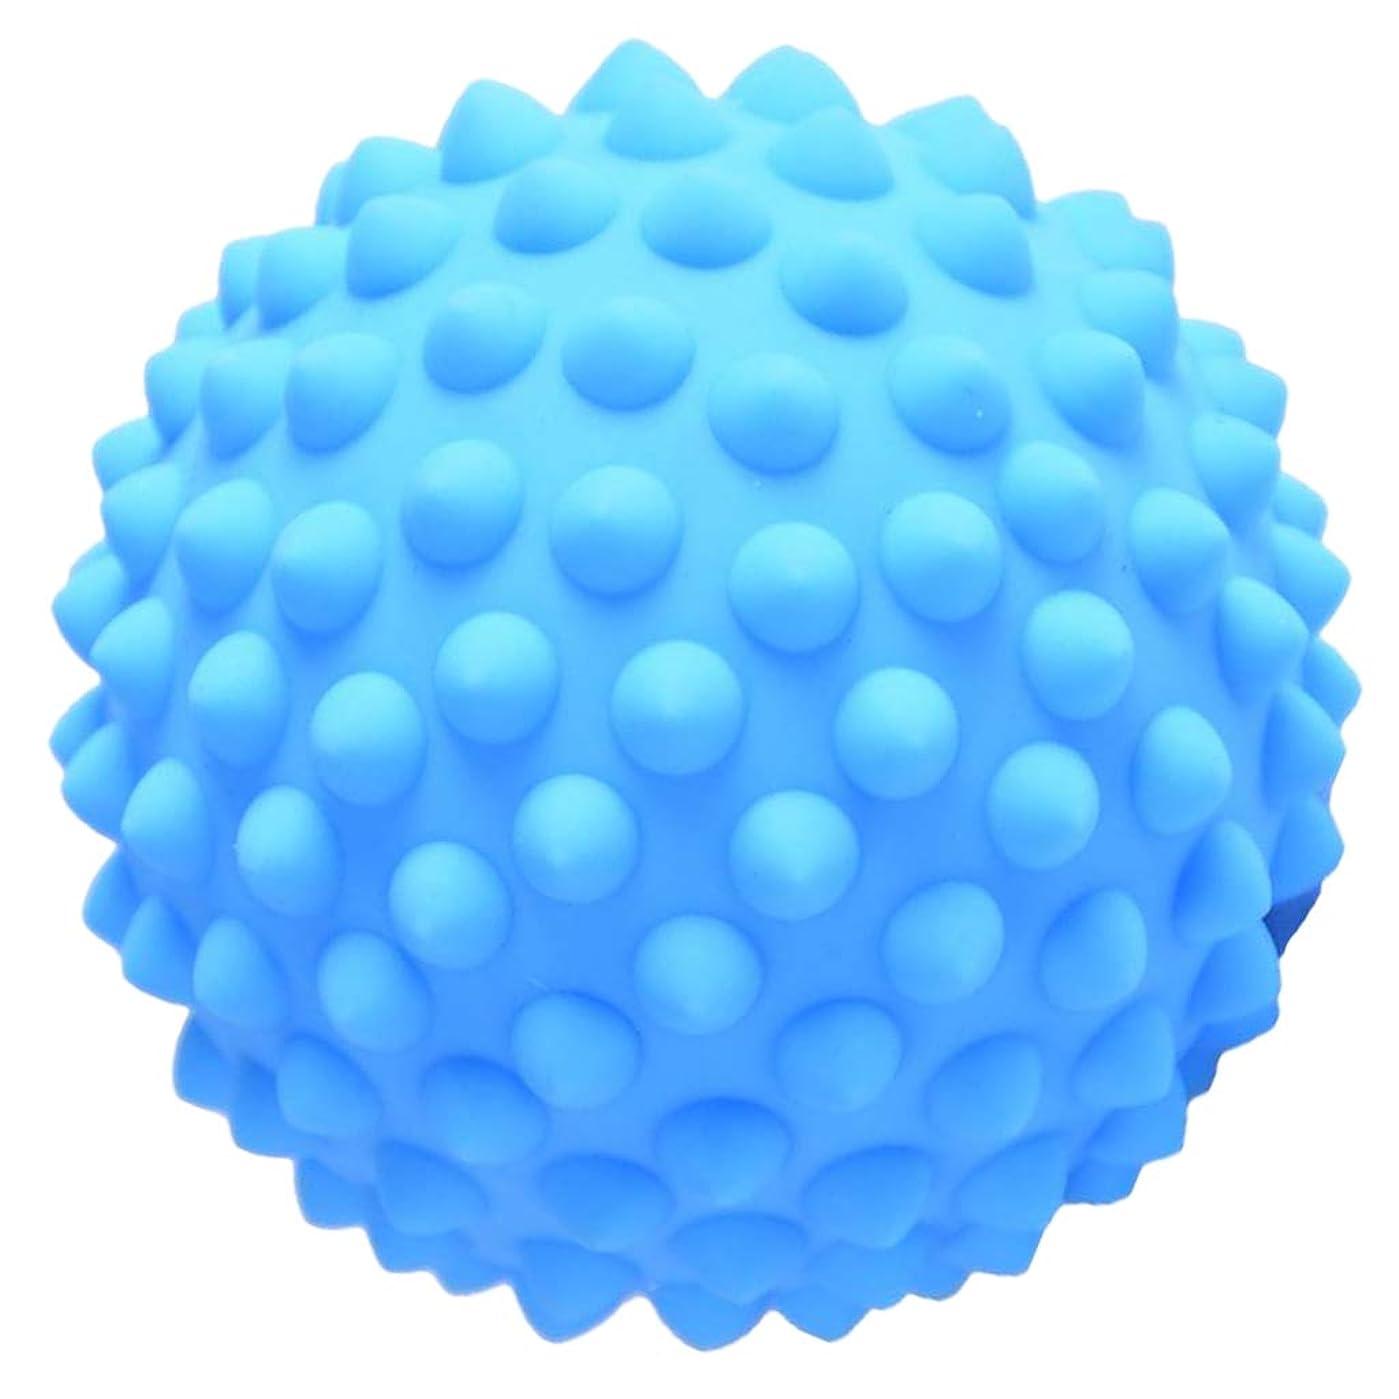 白い暴力的な議論するFLAMEER マッサージボール ポイントマッサージ ヨガ道具 3色選べ - 青, 説明のとおり